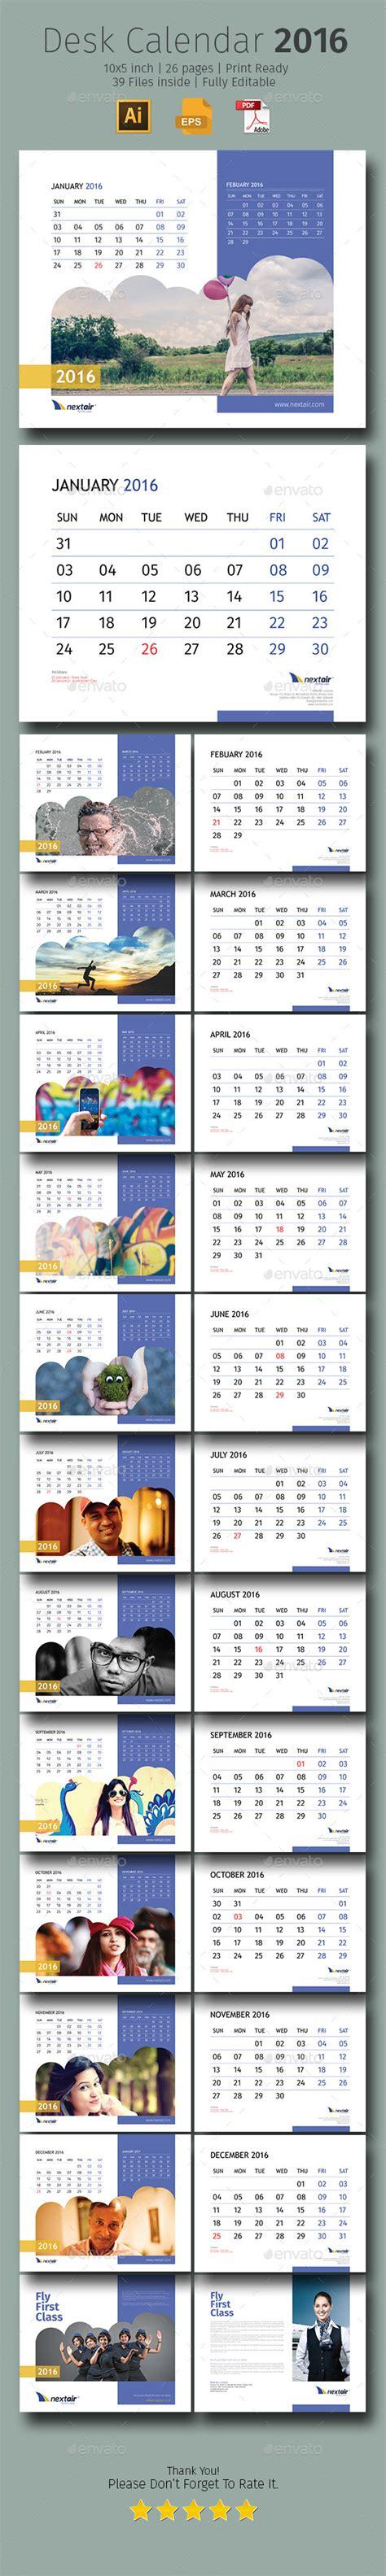 Layout Desk Calendar | 2016 desk calendar design download http graphicriver